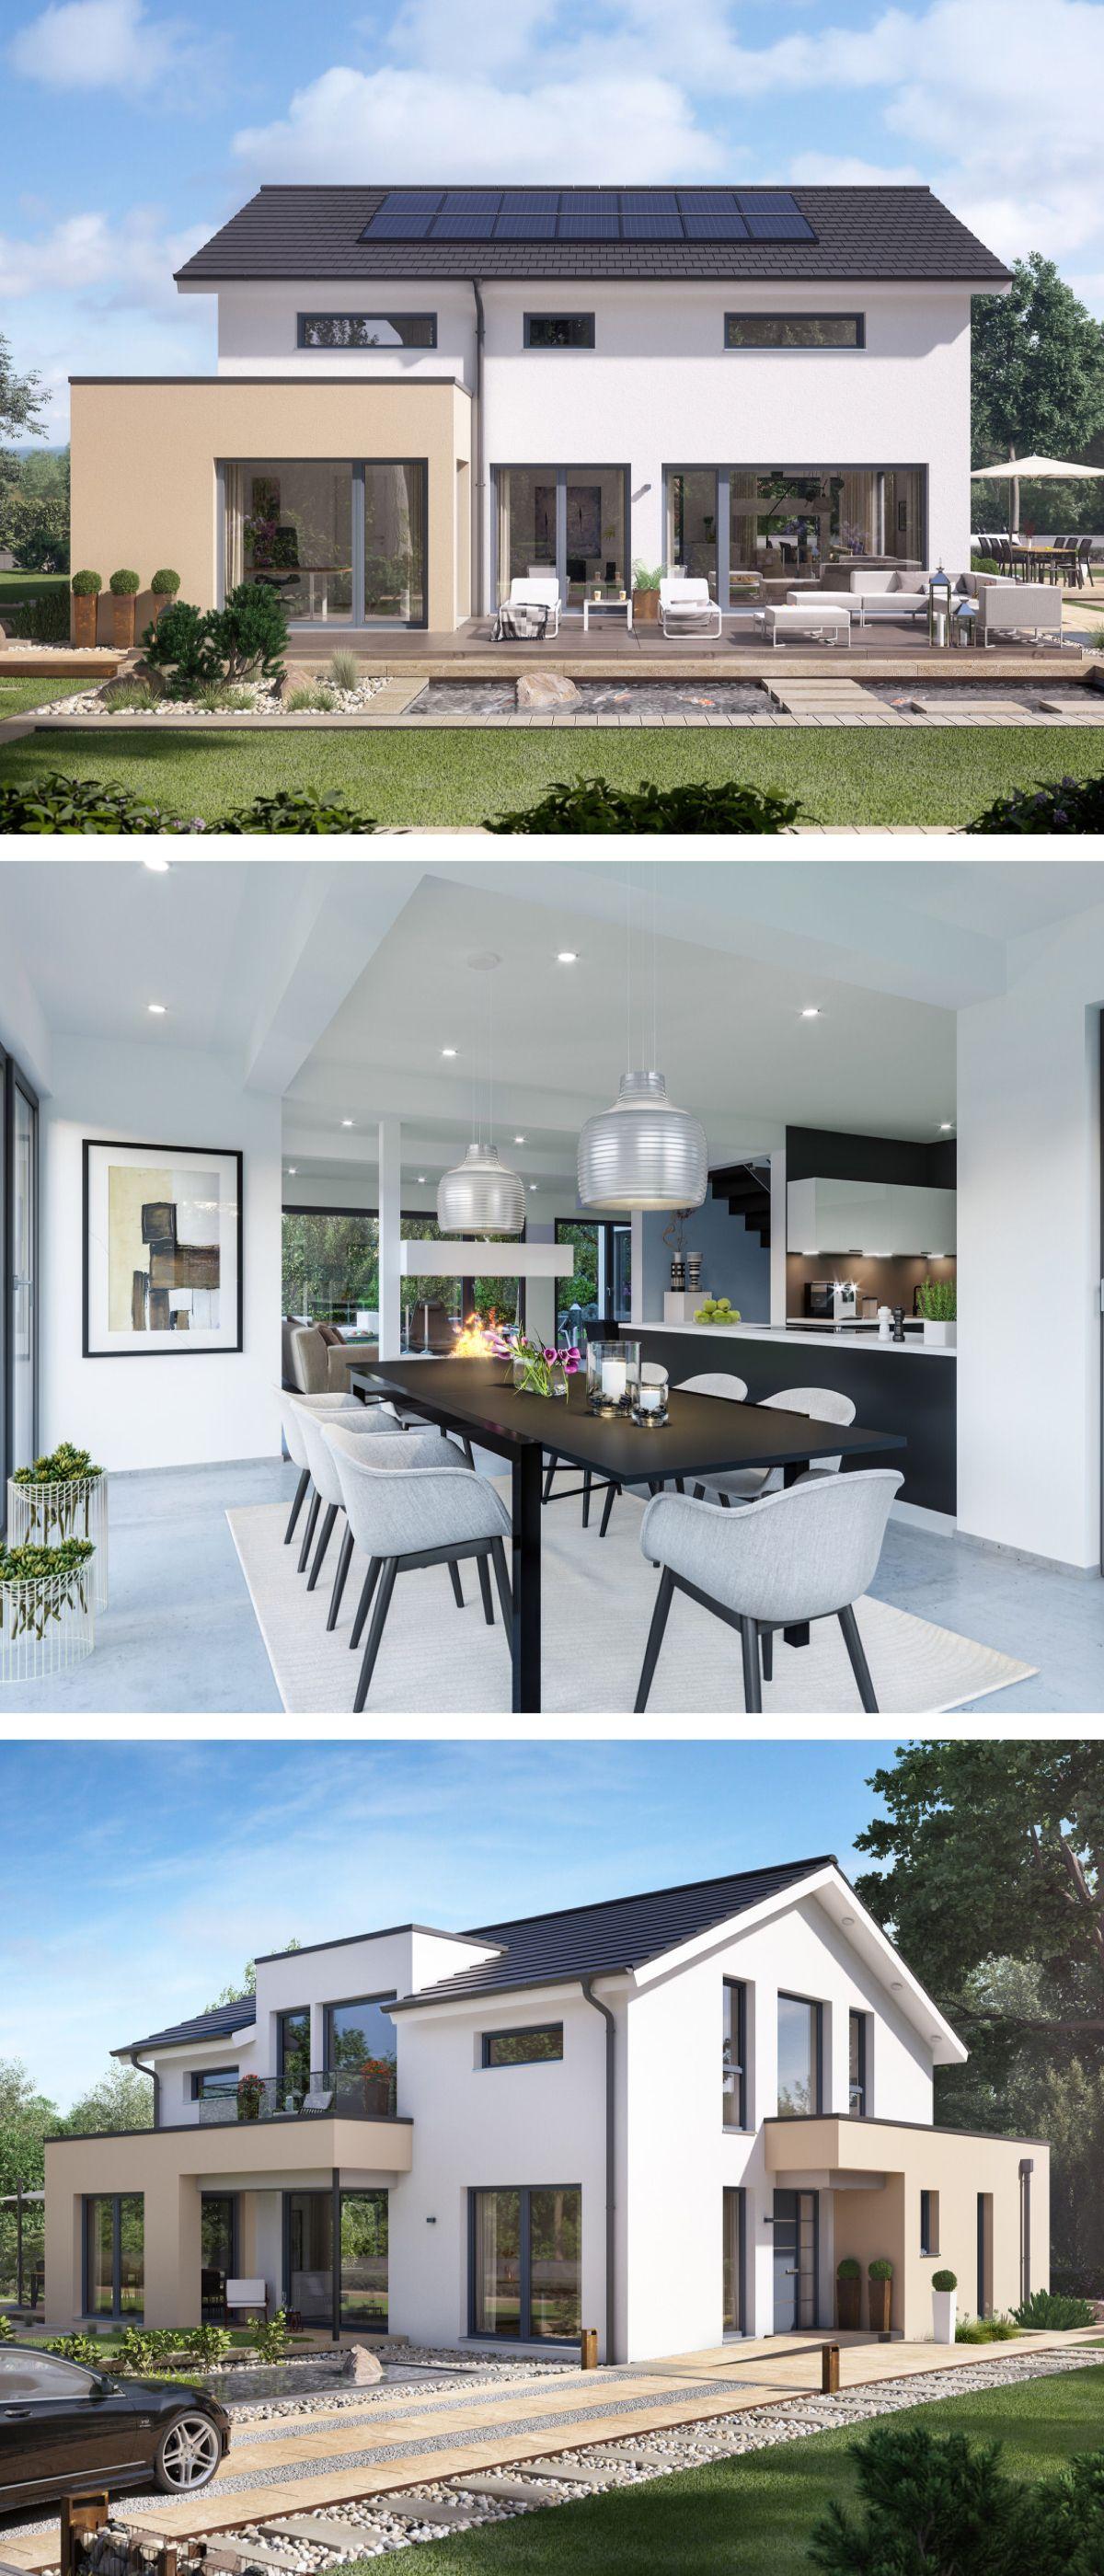 modernes satteldach haus mit b ro anbau galerie einfamilienhaus bauen fertighaus ideen. Black Bedroom Furniture Sets. Home Design Ideas